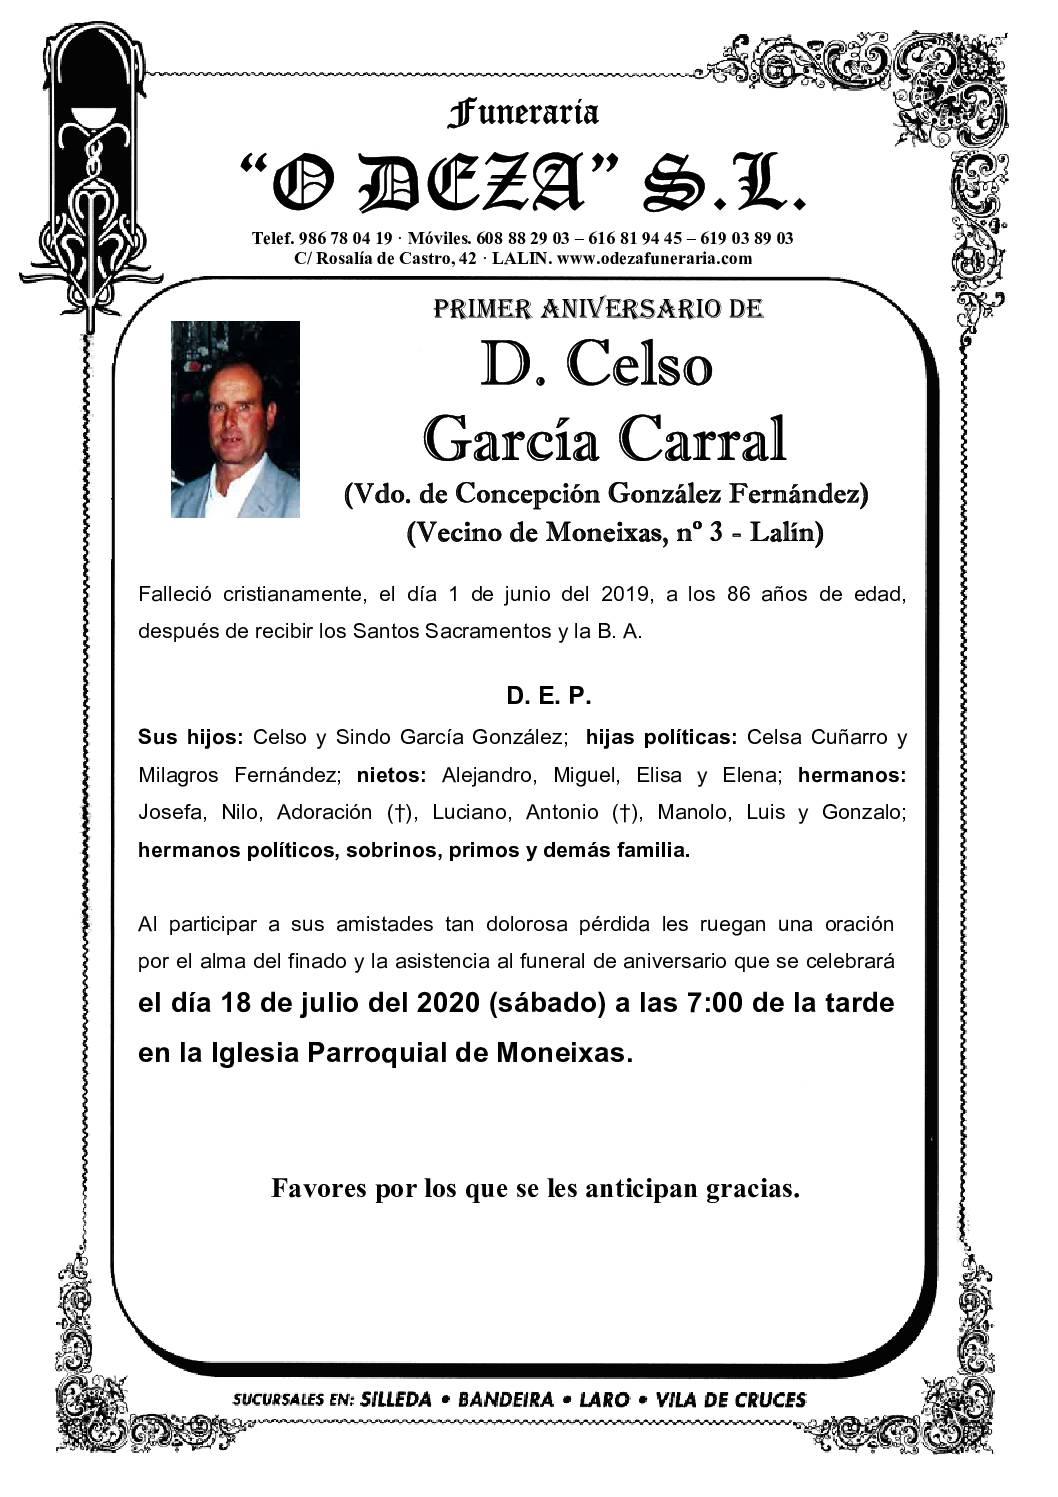 D. CELSO GARCÍA CARRAL